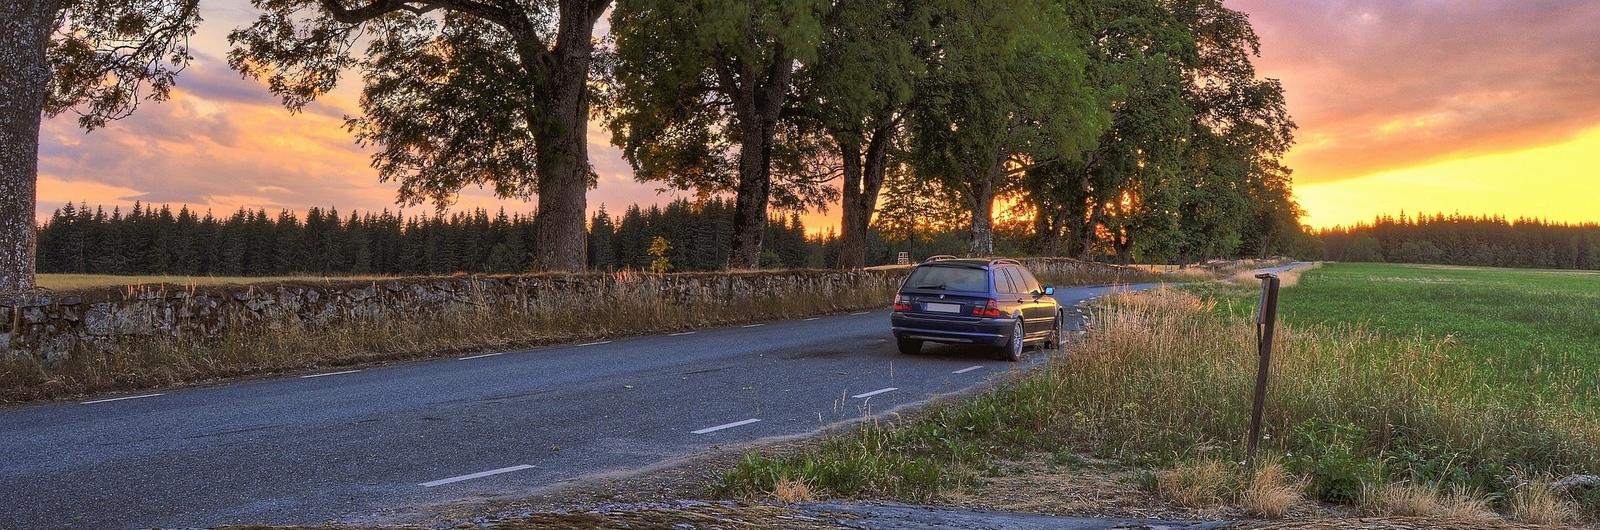 city header sweden rural road